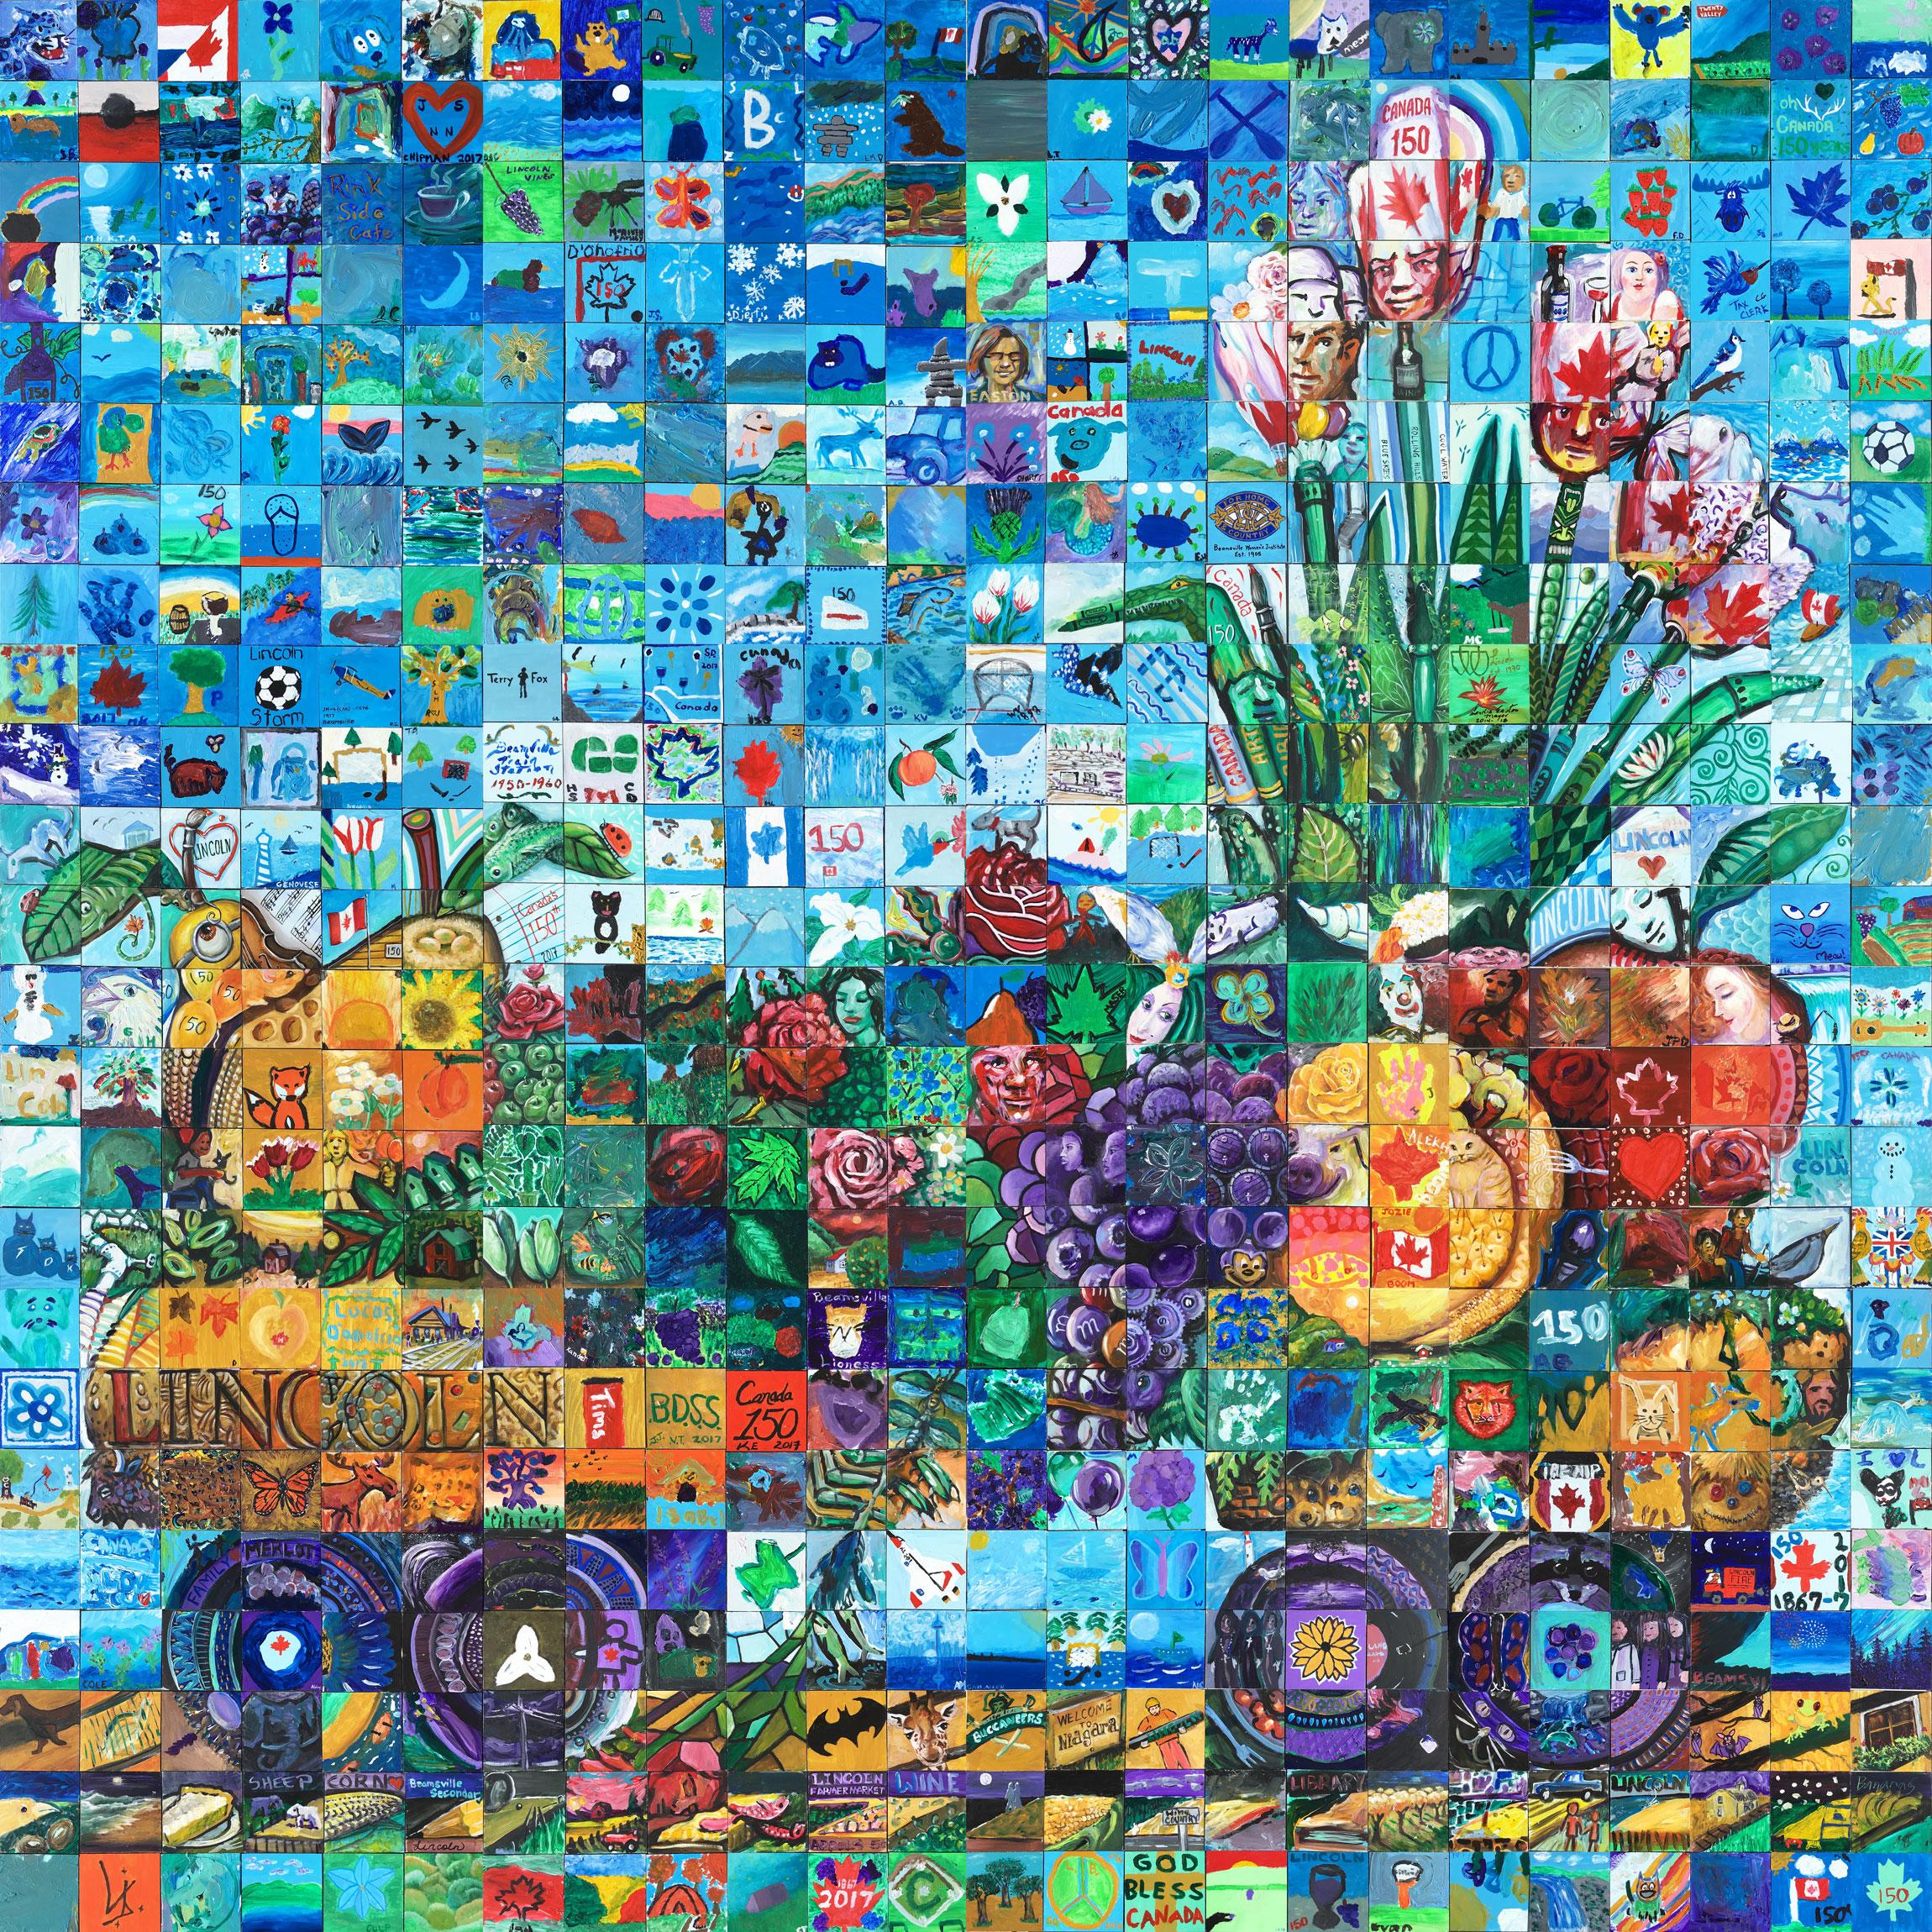 Lincoln canada mosaic murals for Cochrane mural mosaic